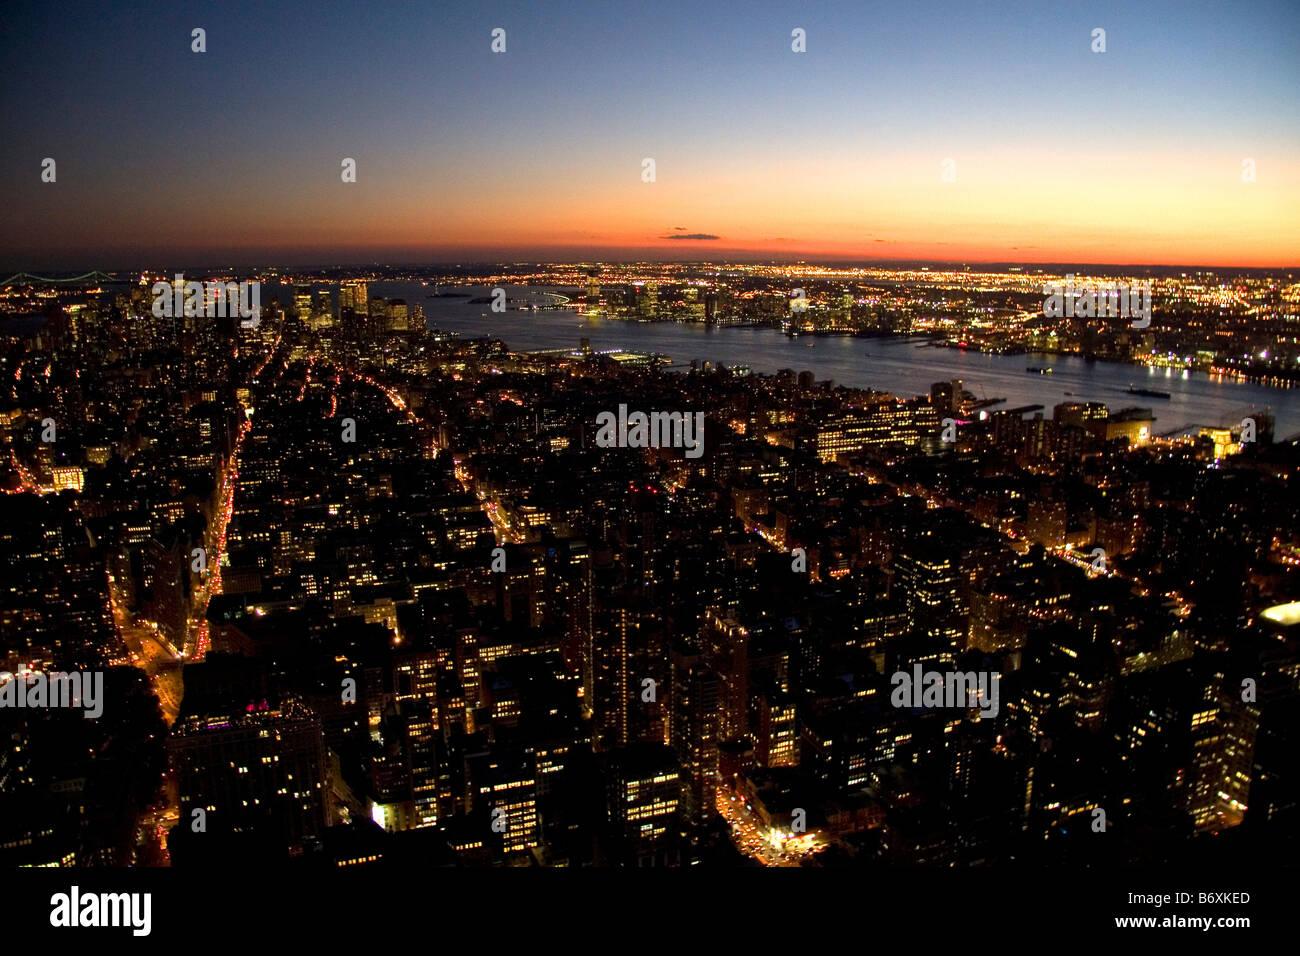 Vista nocturna de la ciudad de Nueva York Nueva York, EE.UU. Foto de stock